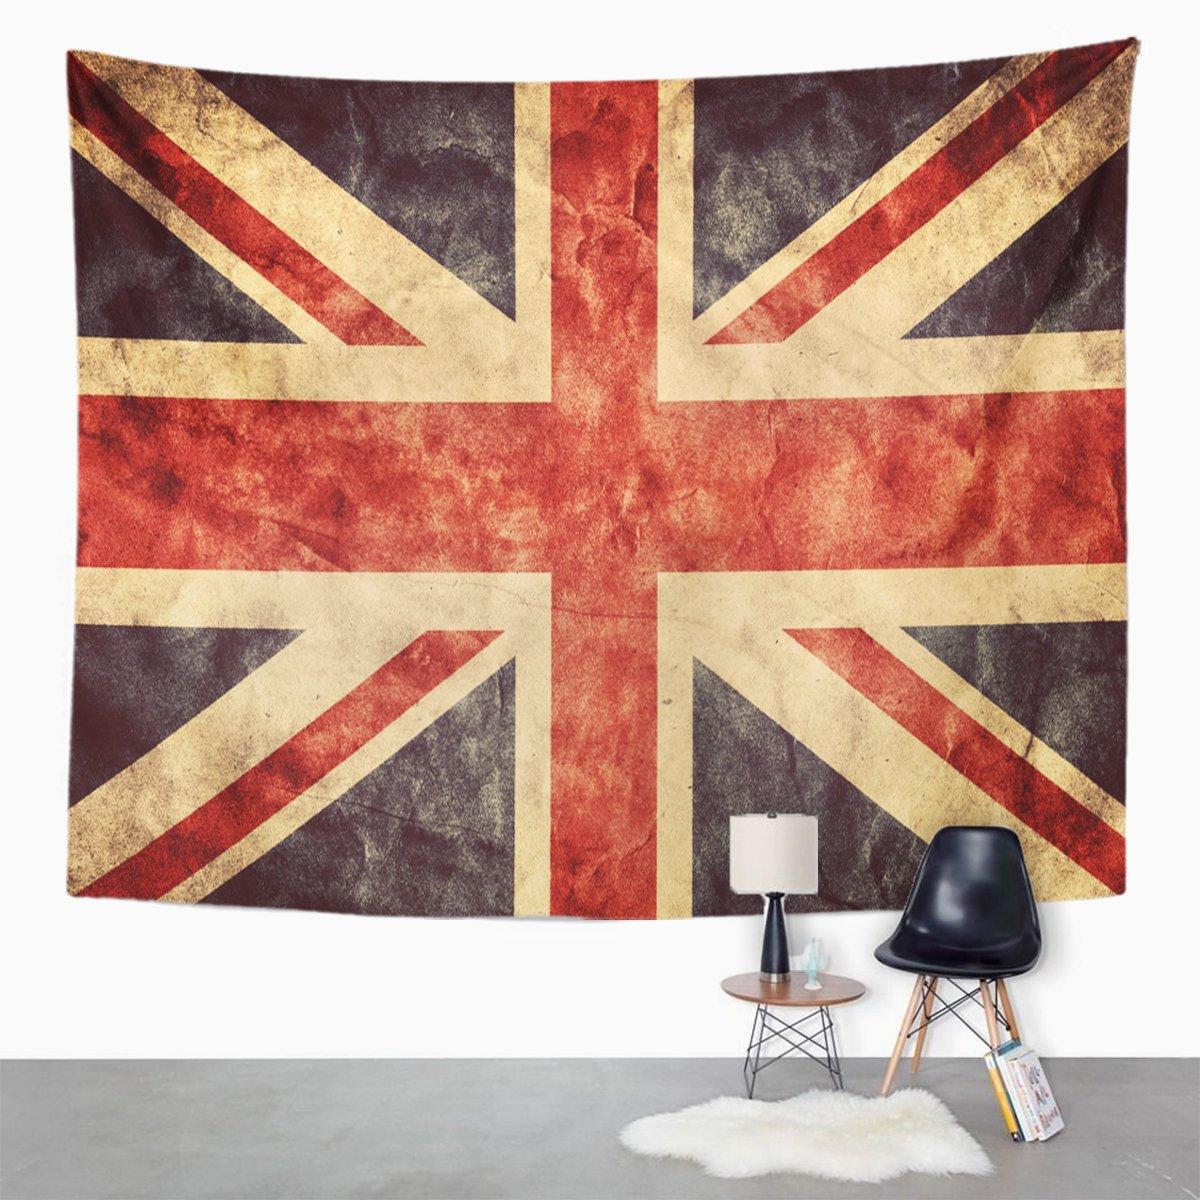 Breezatタペストリーのイギリスユニオンジャックグランジ国旗